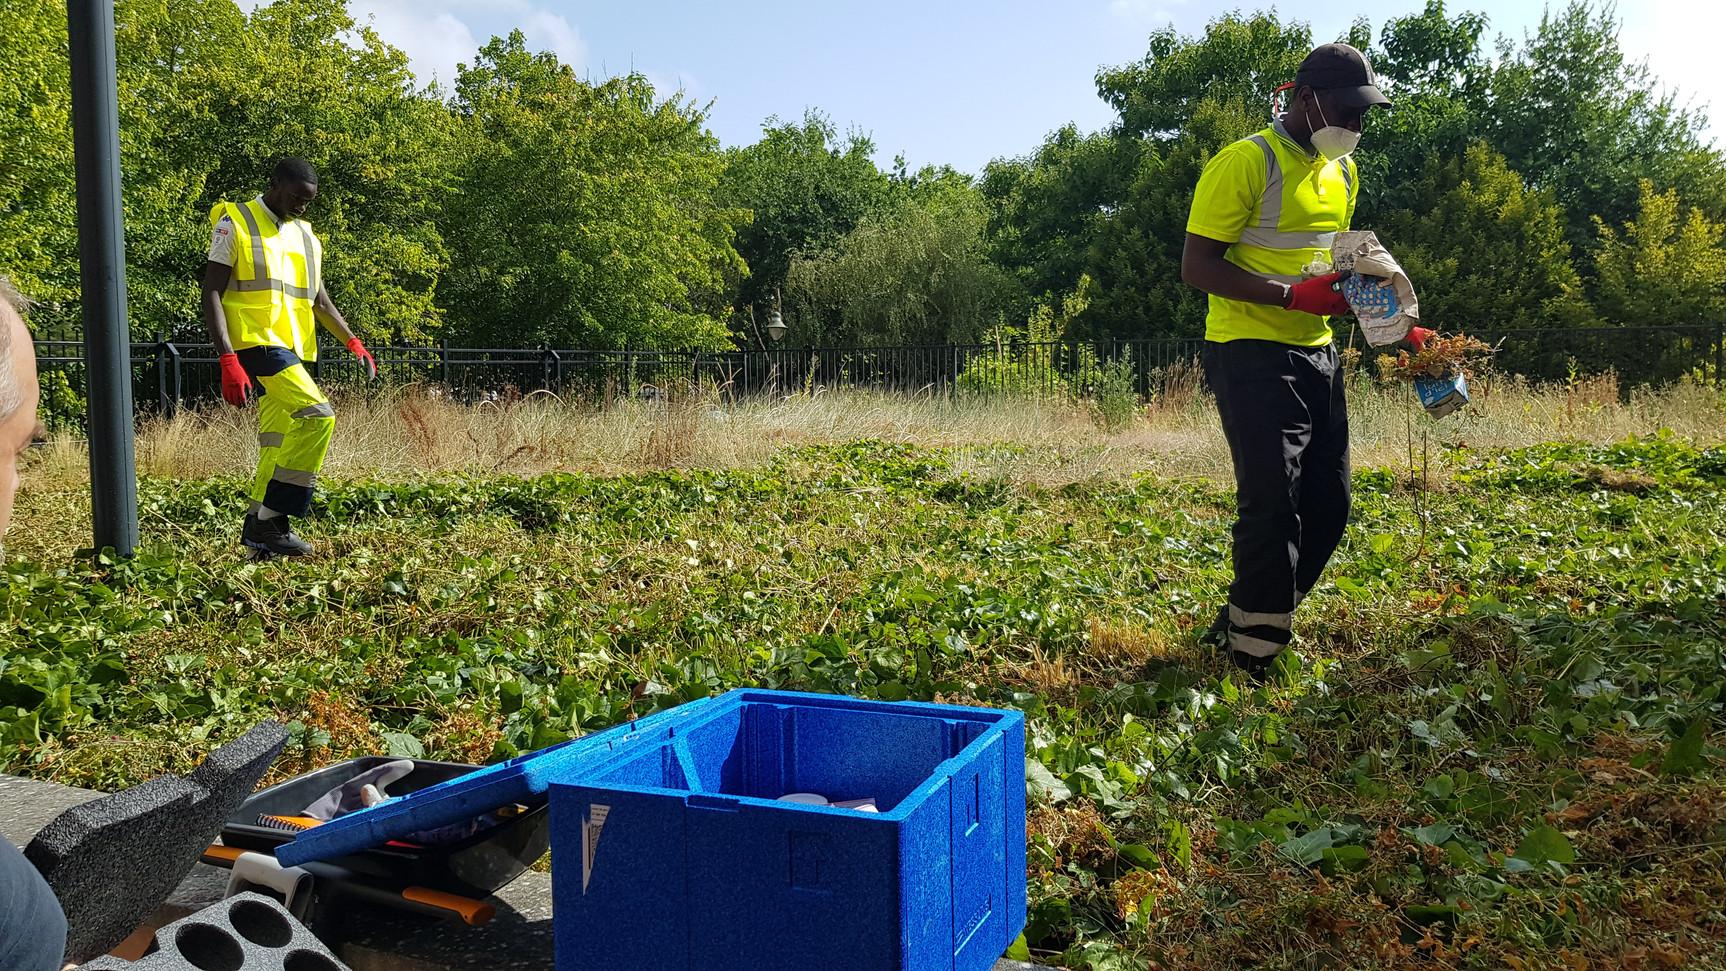 Nettoyage du site, analyse de pollution des sols à l'amiante